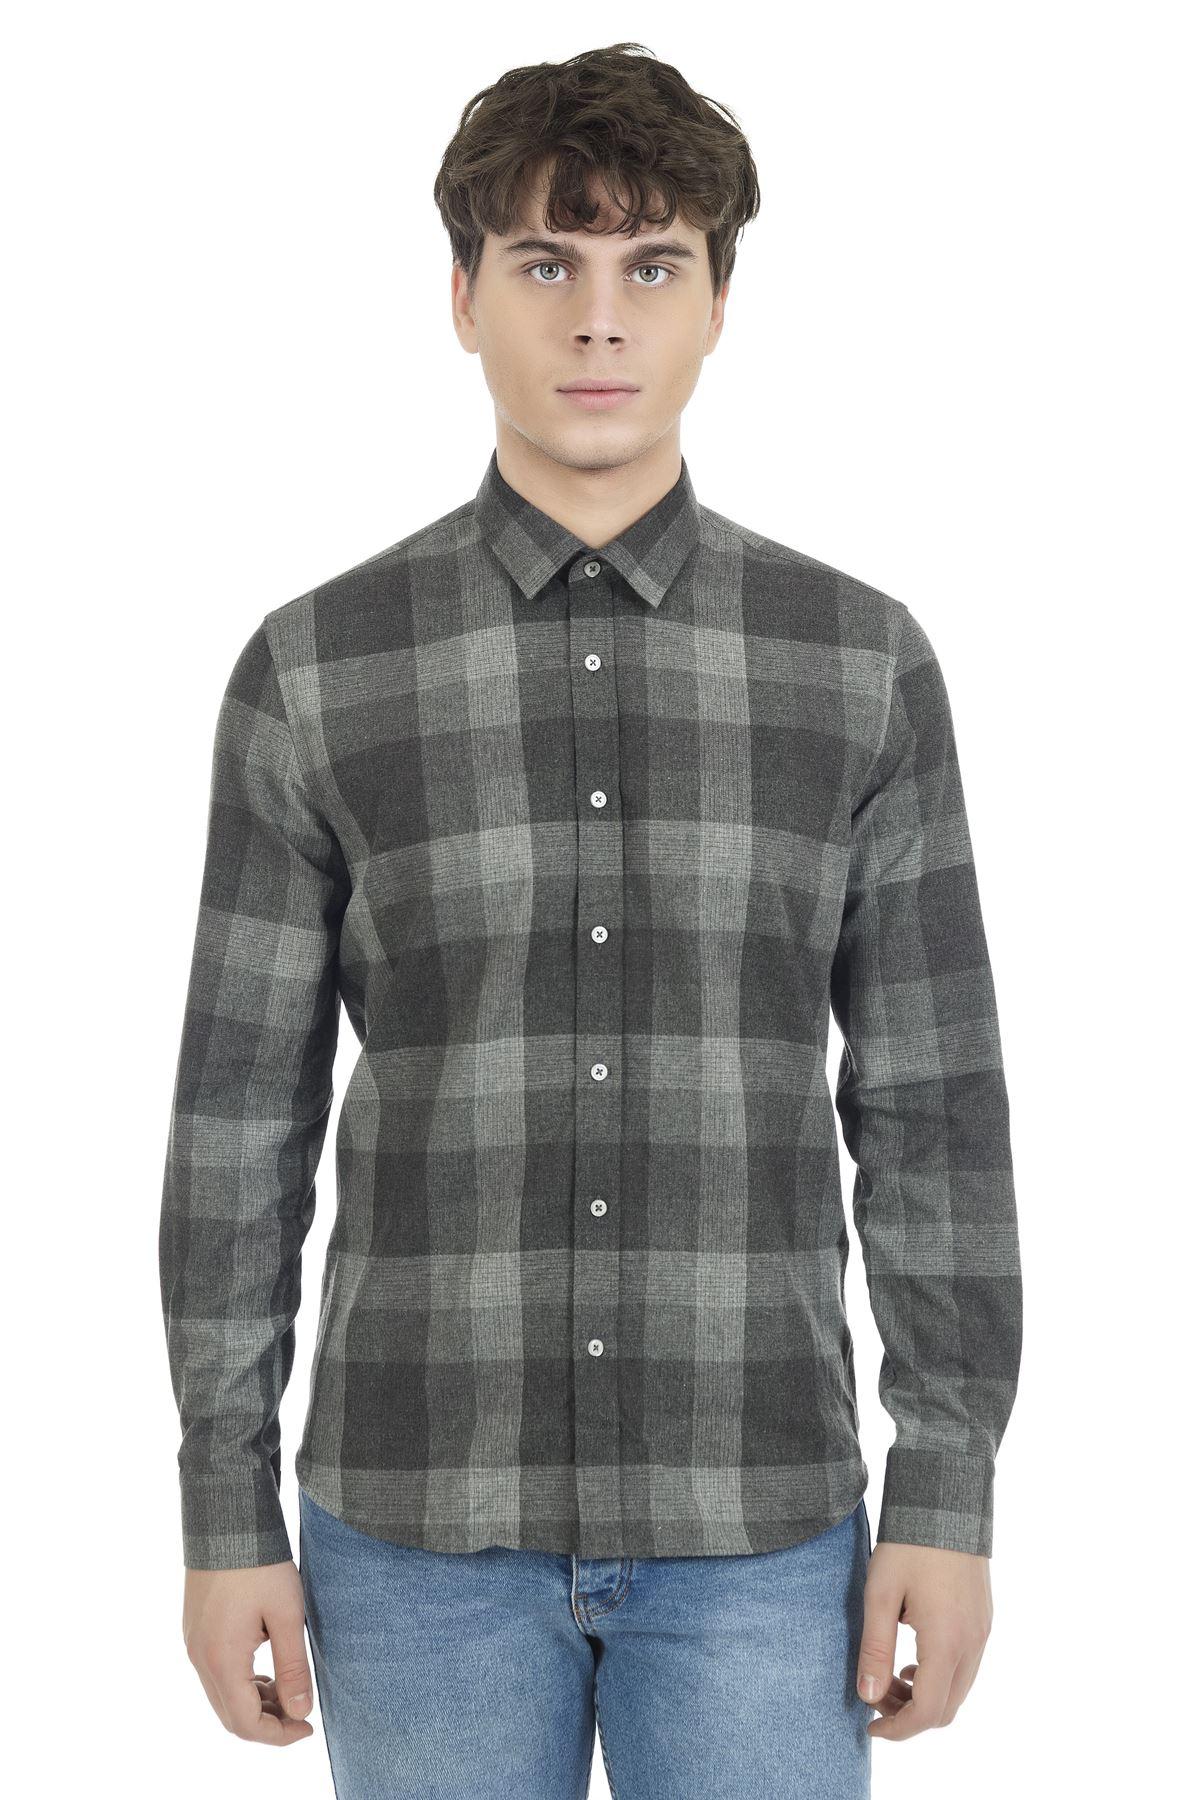 Antrasit Gri Efektli Uzun Kol Flanel Ekose Gömlek